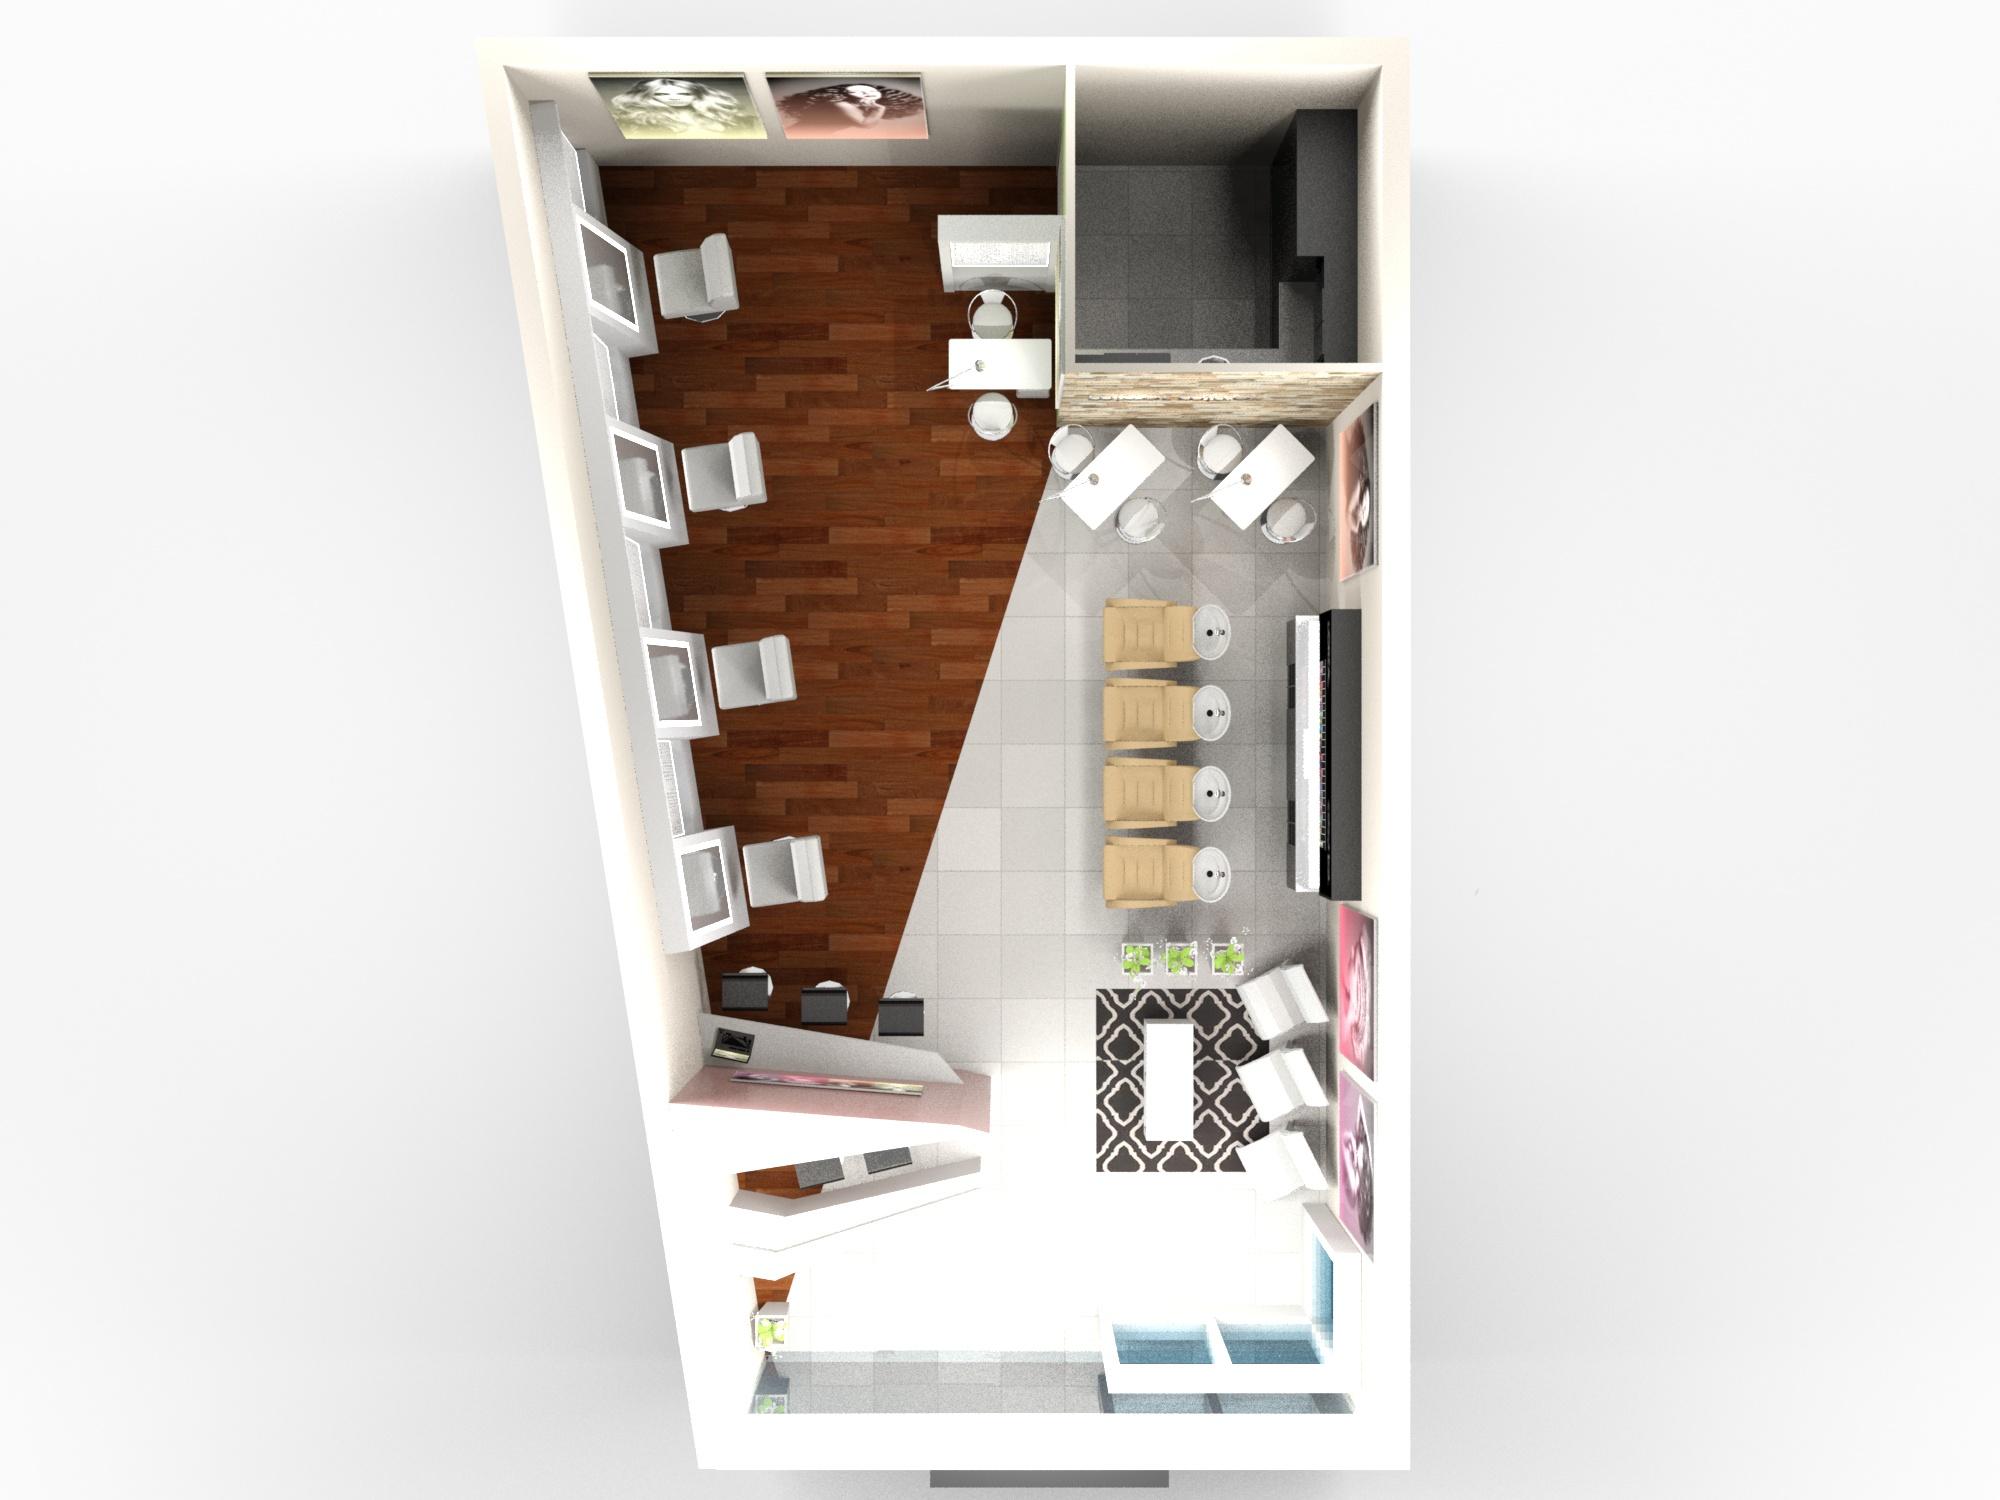 SugarLab Creative - Interior Design